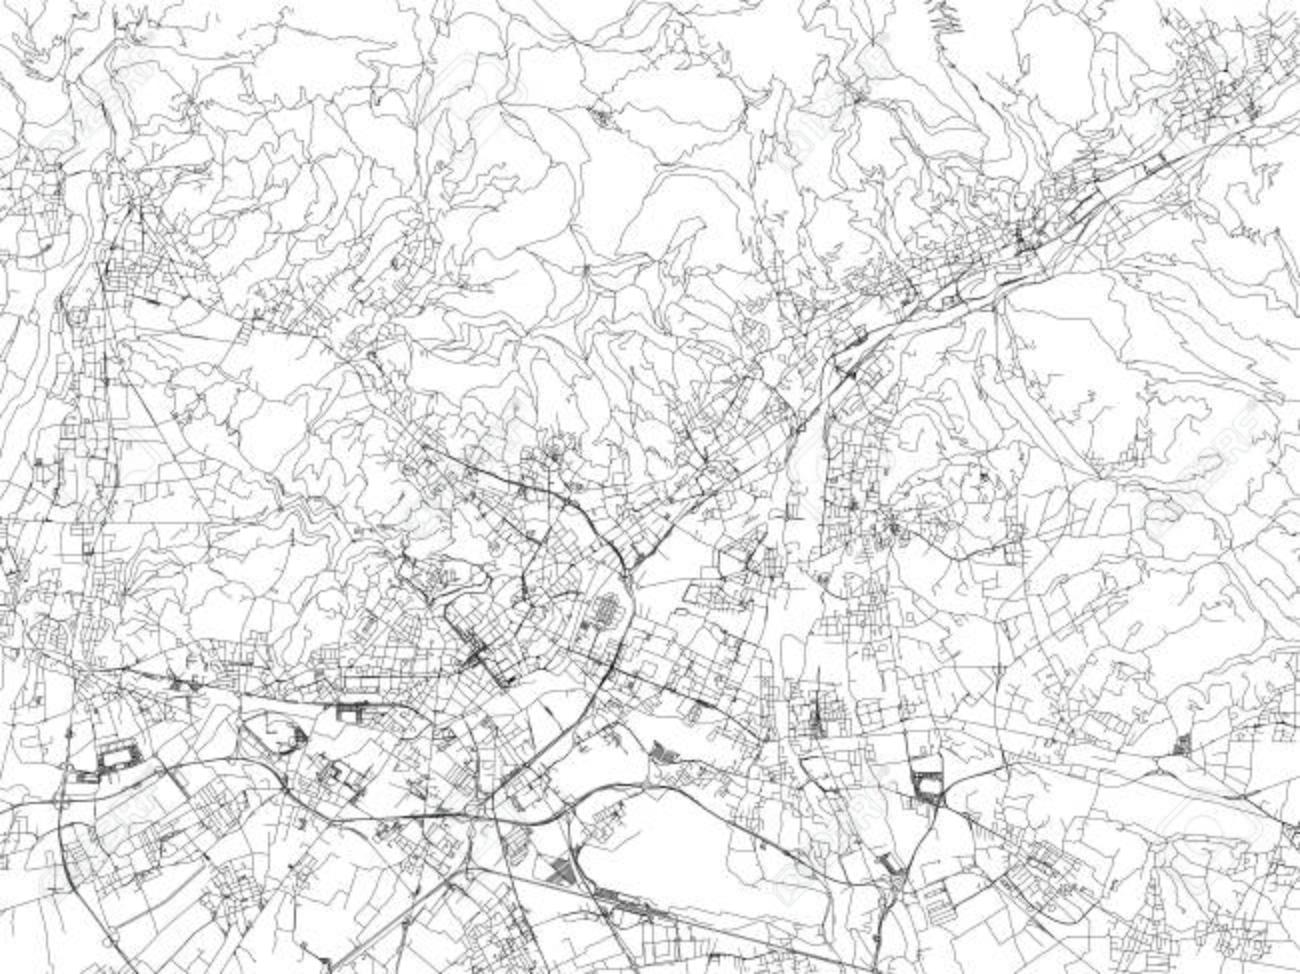 Cartina Satellitare Lombardia.Vettoriale Strade Di Bergamo Mappa Della Citta Lombardia Italia Cartina Stradale Image 90315517